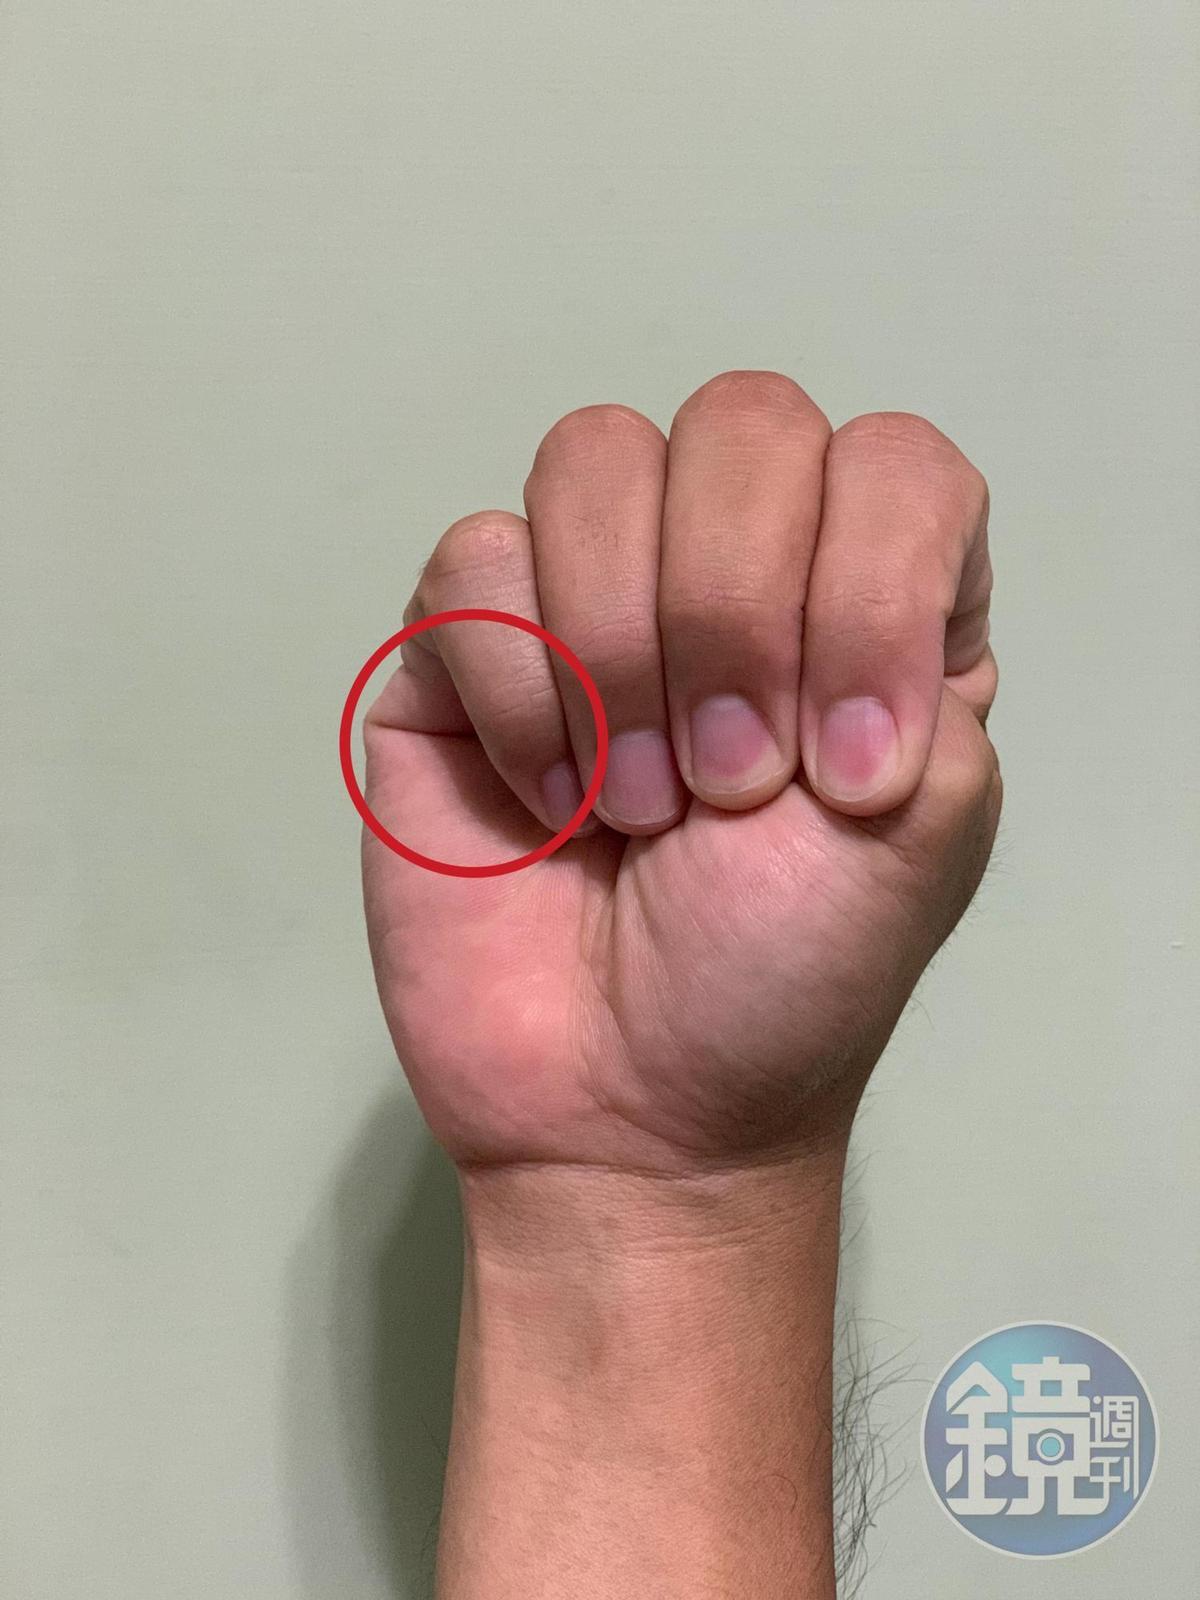 紅圈處是觀察重點,看大拇指是否有超過小指。(本刊資料照)